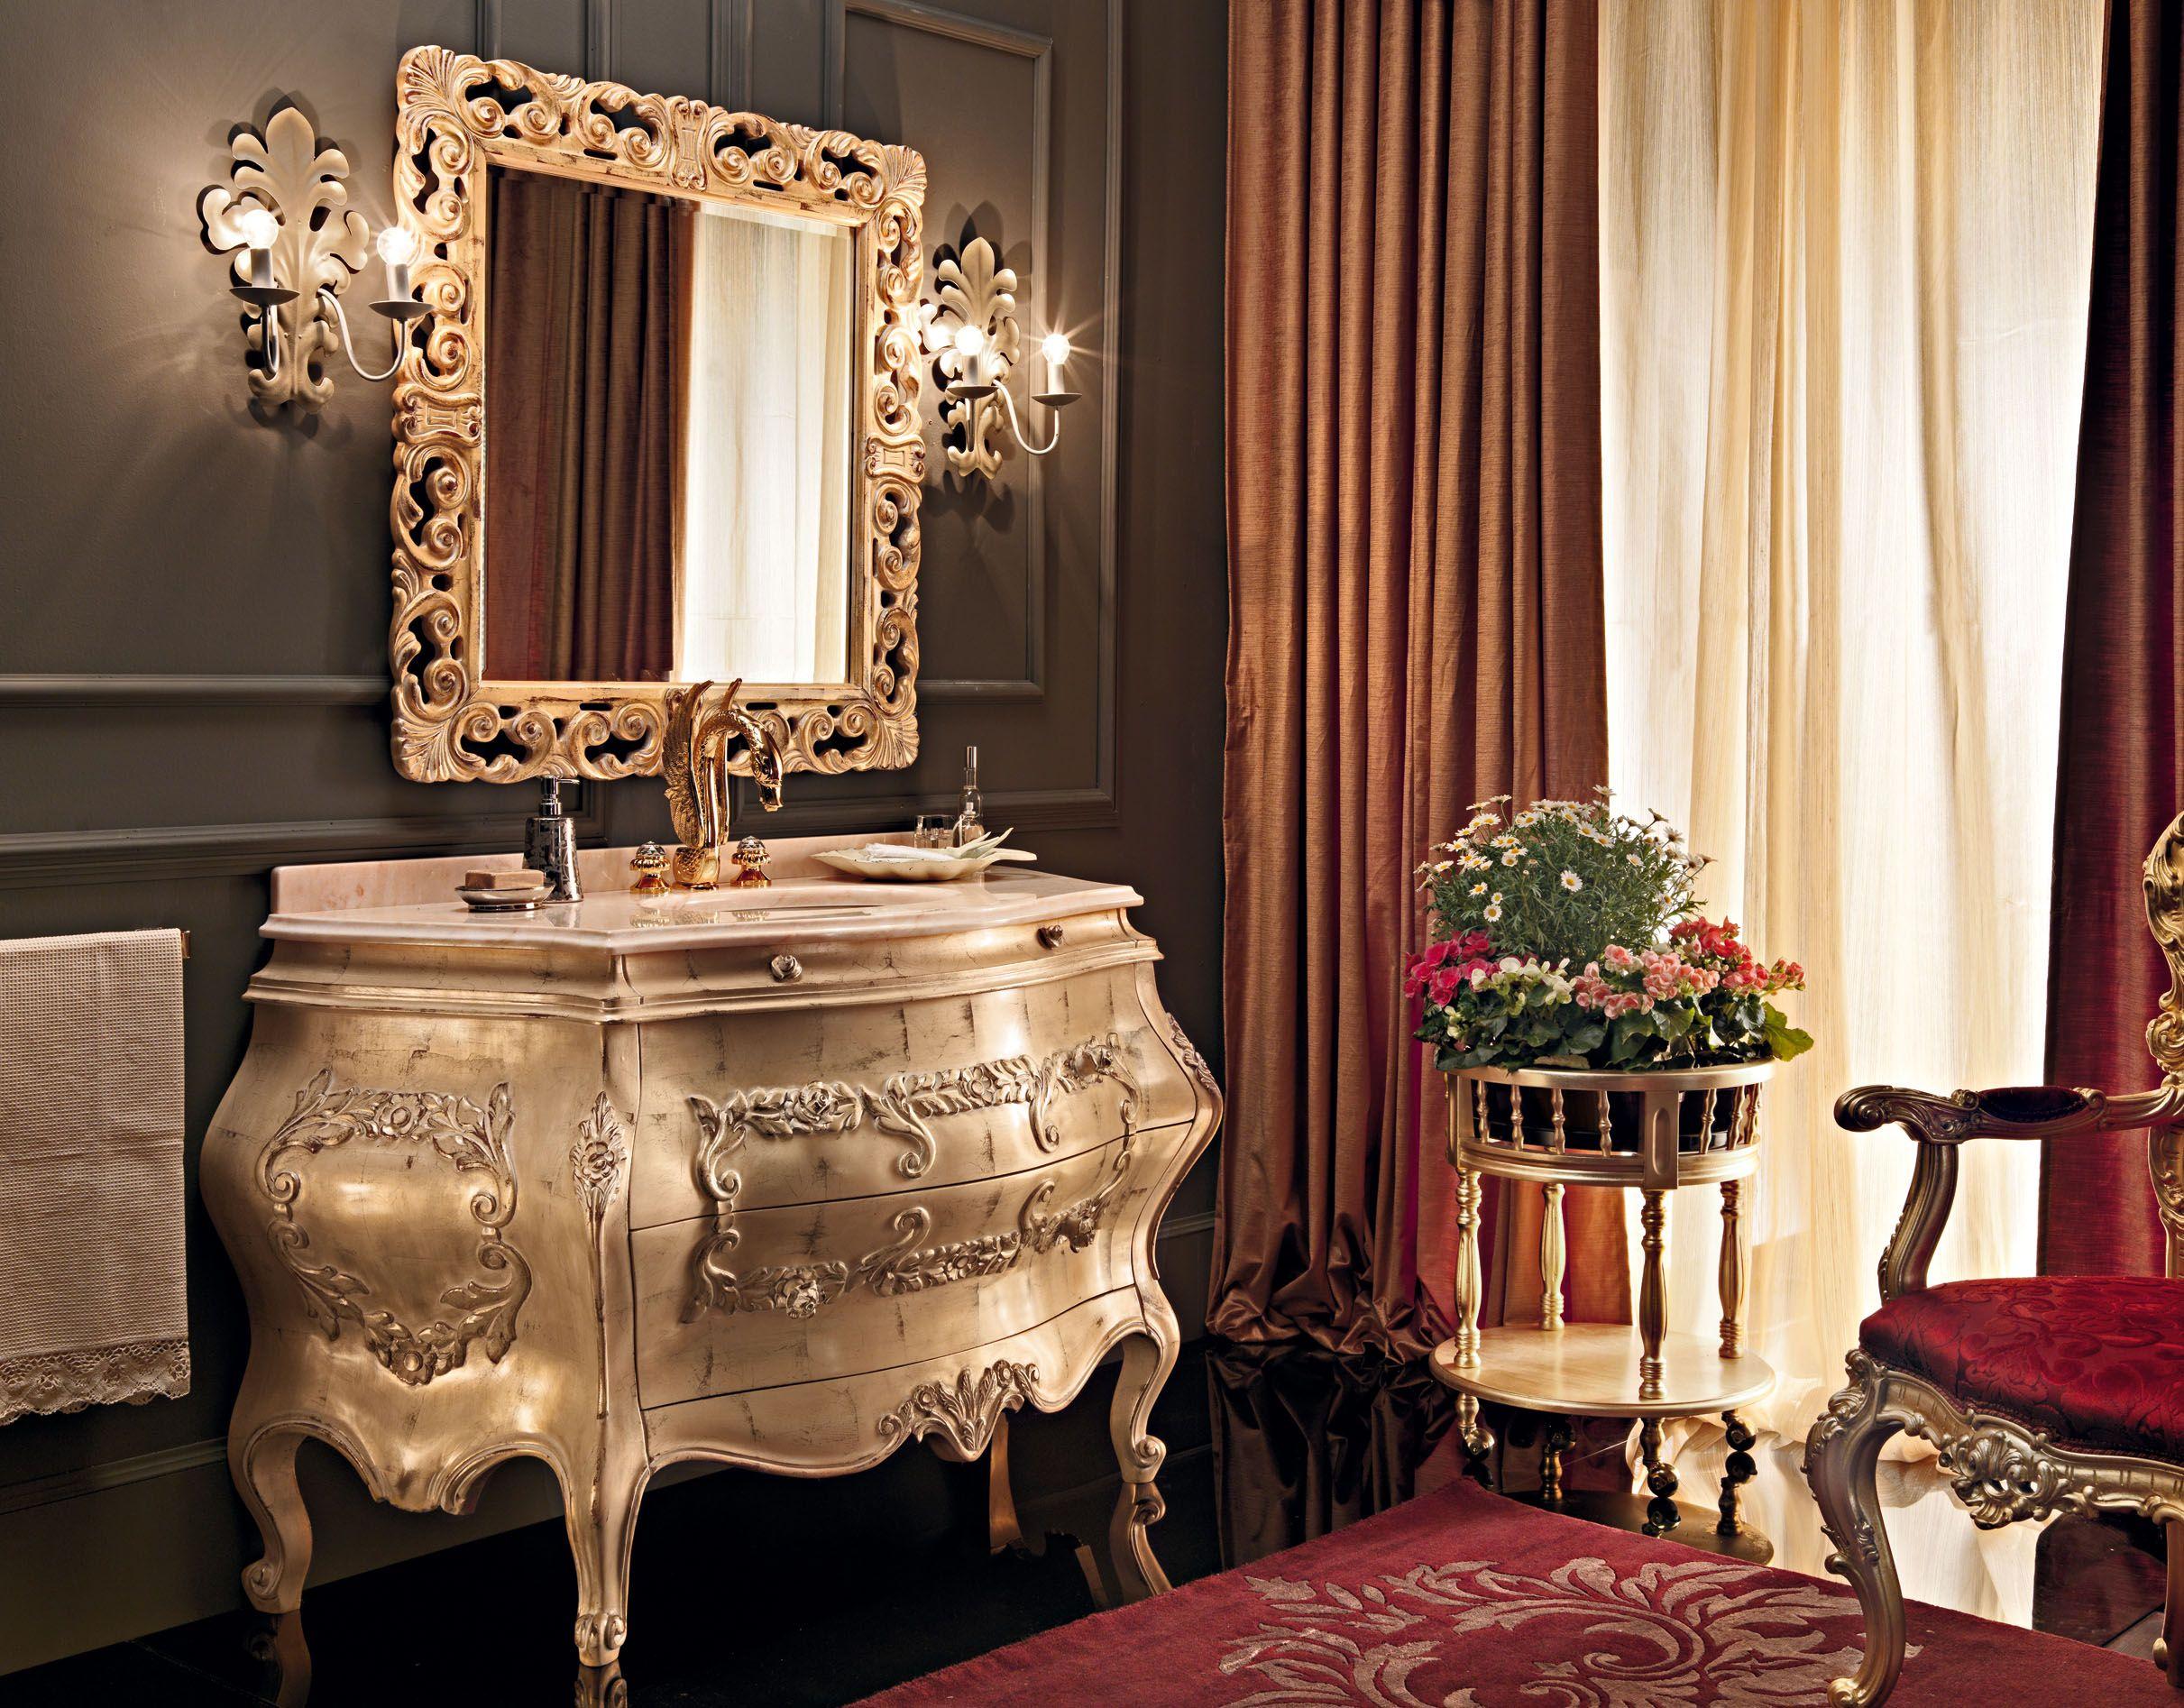 Perfect mobili stile classico moderno with mobili stile - Mobili in stile barocco ...